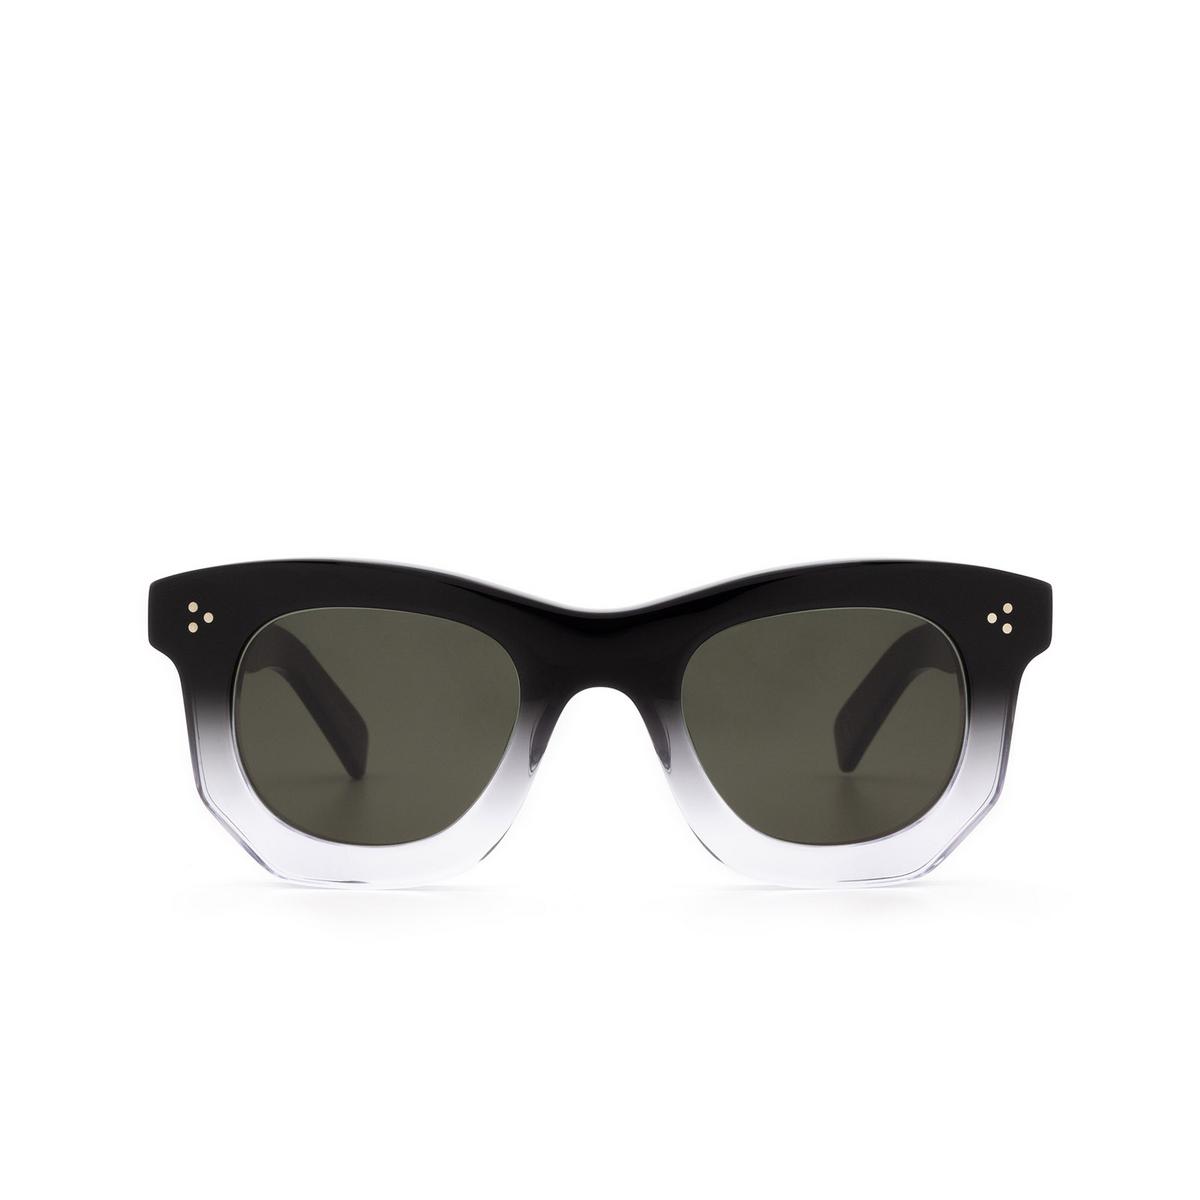 Lesca® Irregular Sunglasses: Ogre Sun color Black Degraded Deg - front view.